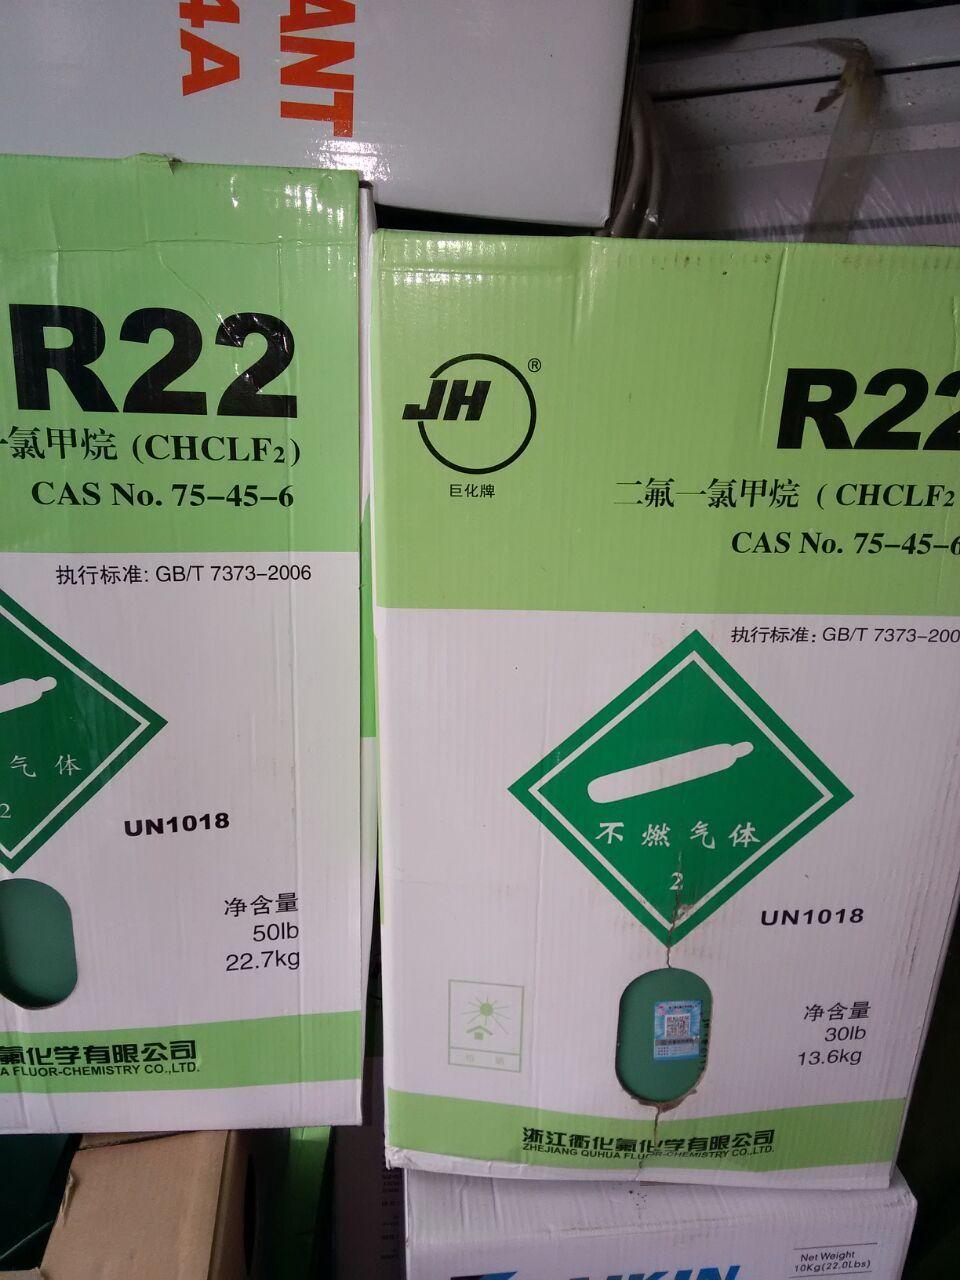 El líquido de refrigeración de aire acondicionado Juhua refrigerante freón R22 reactores de carbón 13.6KG / 22.7KG nieve tipo frío